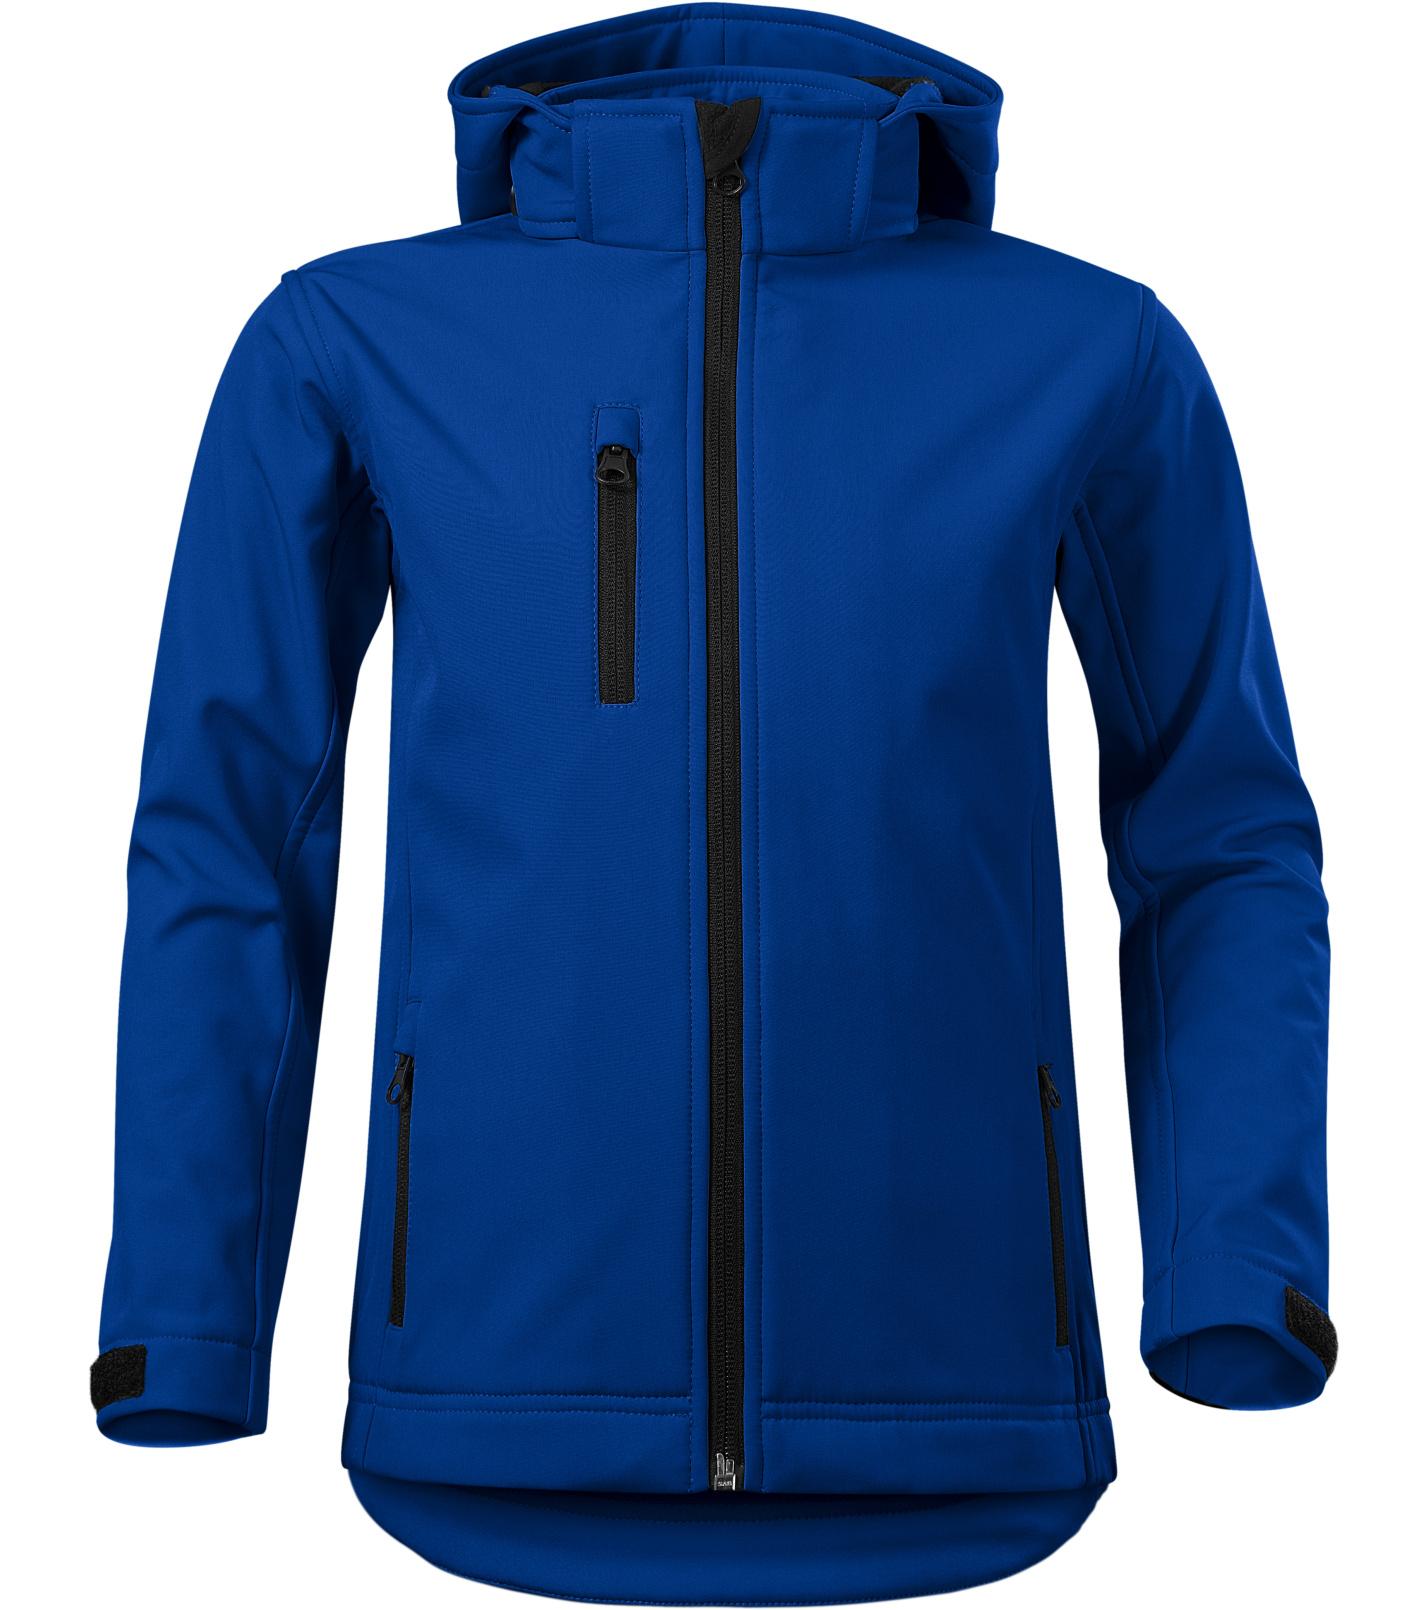 Malfini Performance Dětská softshellová bunda 53505 královská modrá 134